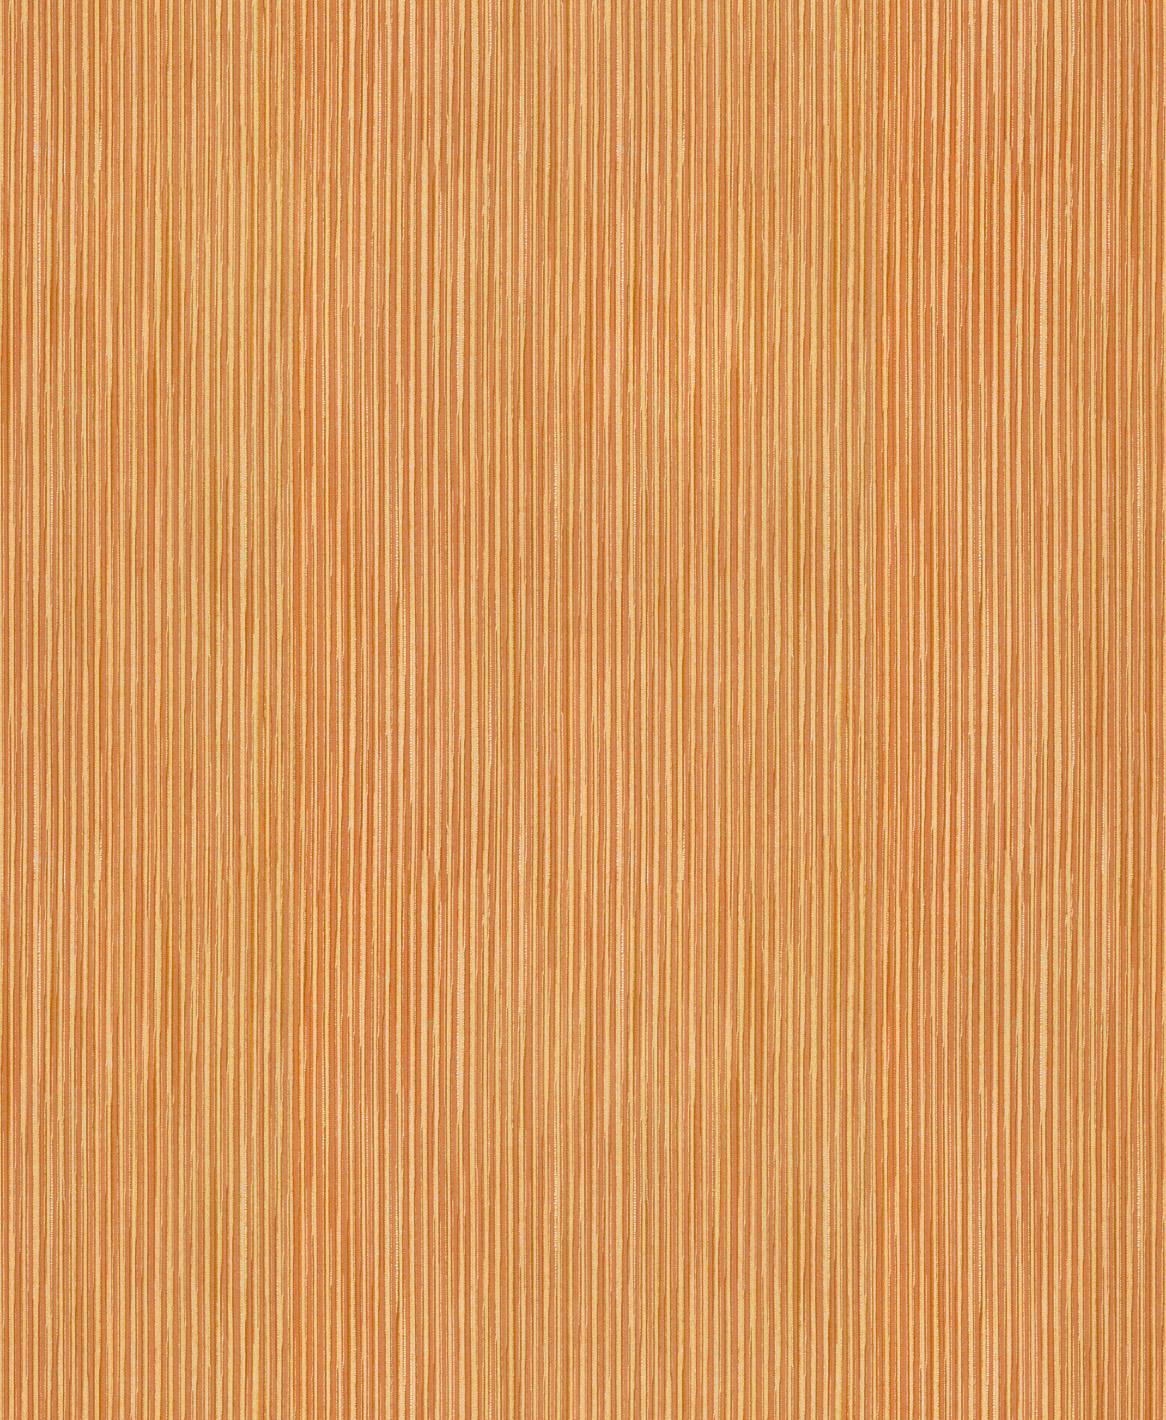 Bambus Gardinen saum viebahn bambus 41999140100 stoff für vorhänge und gardinen nach maß